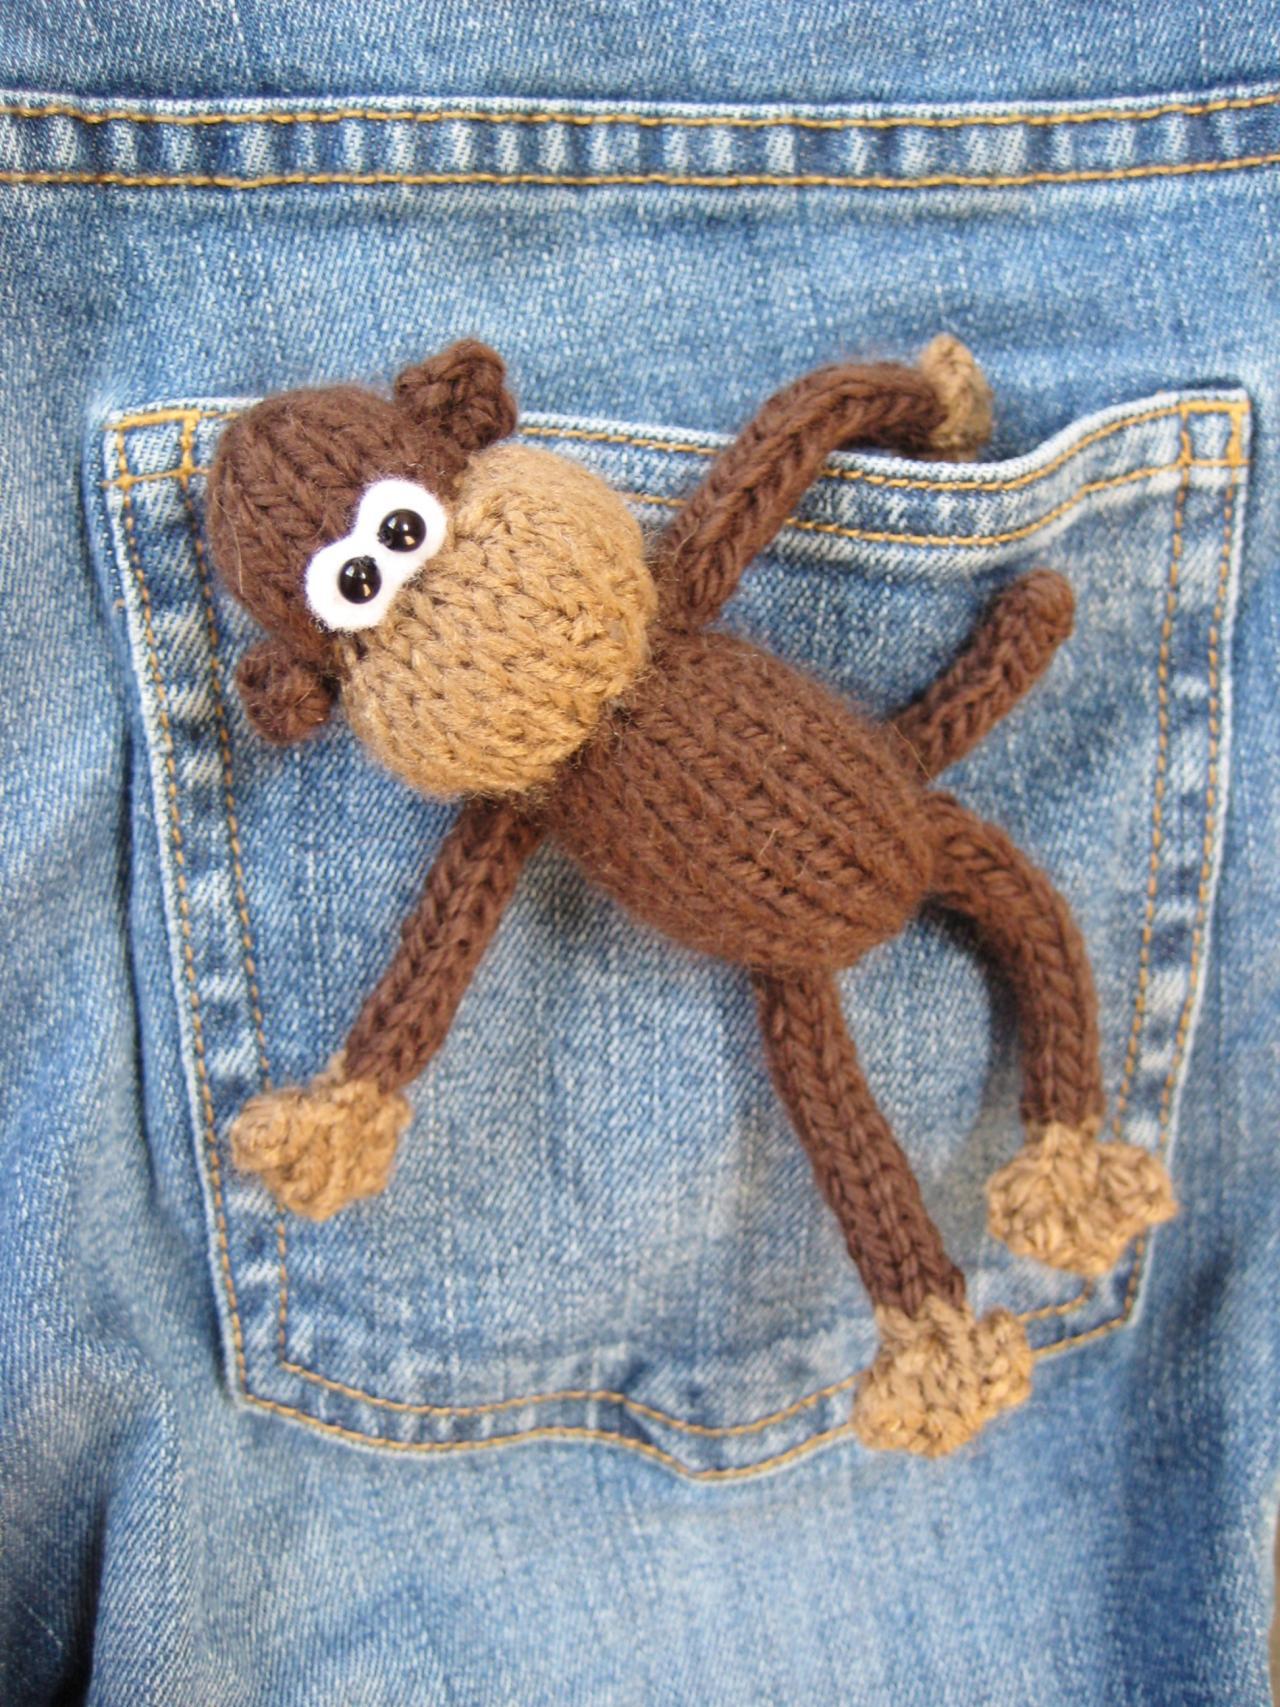 Pocket Monkey Toy Knitting Pattern